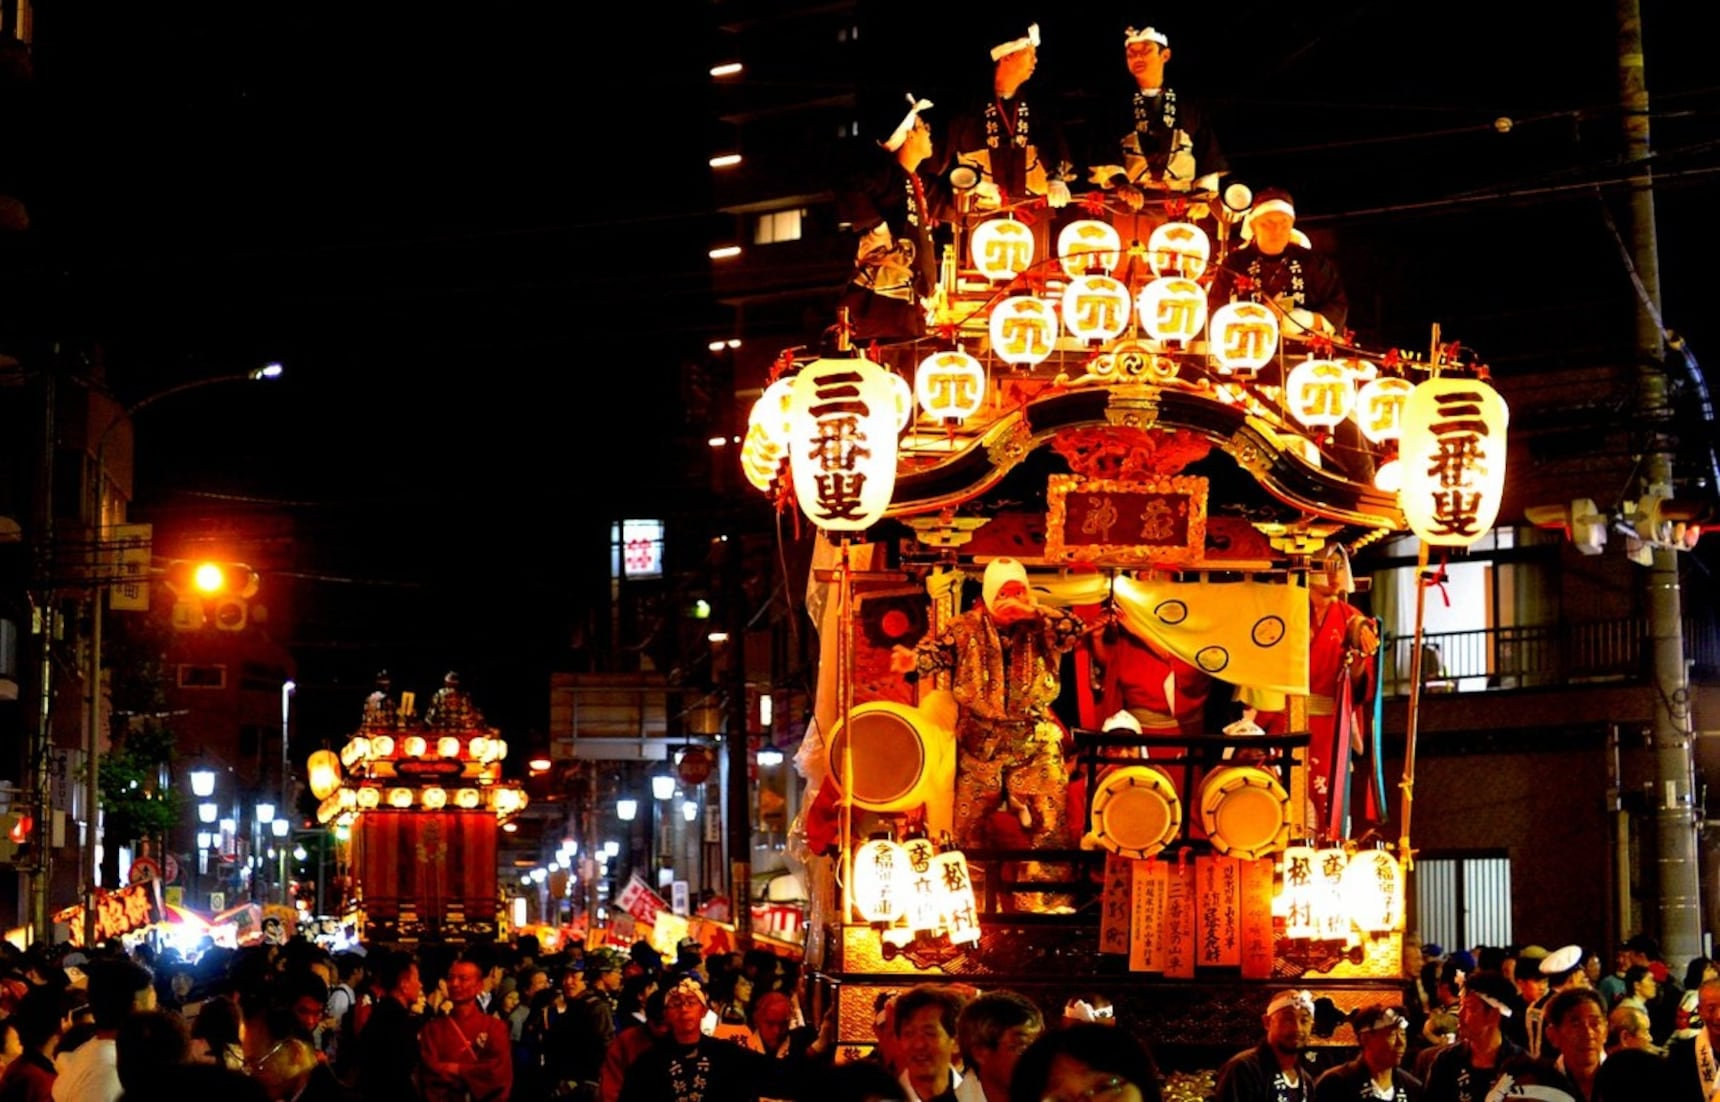 '작은 에도'에서 펼쳐지는 화려한 장식수레 축제